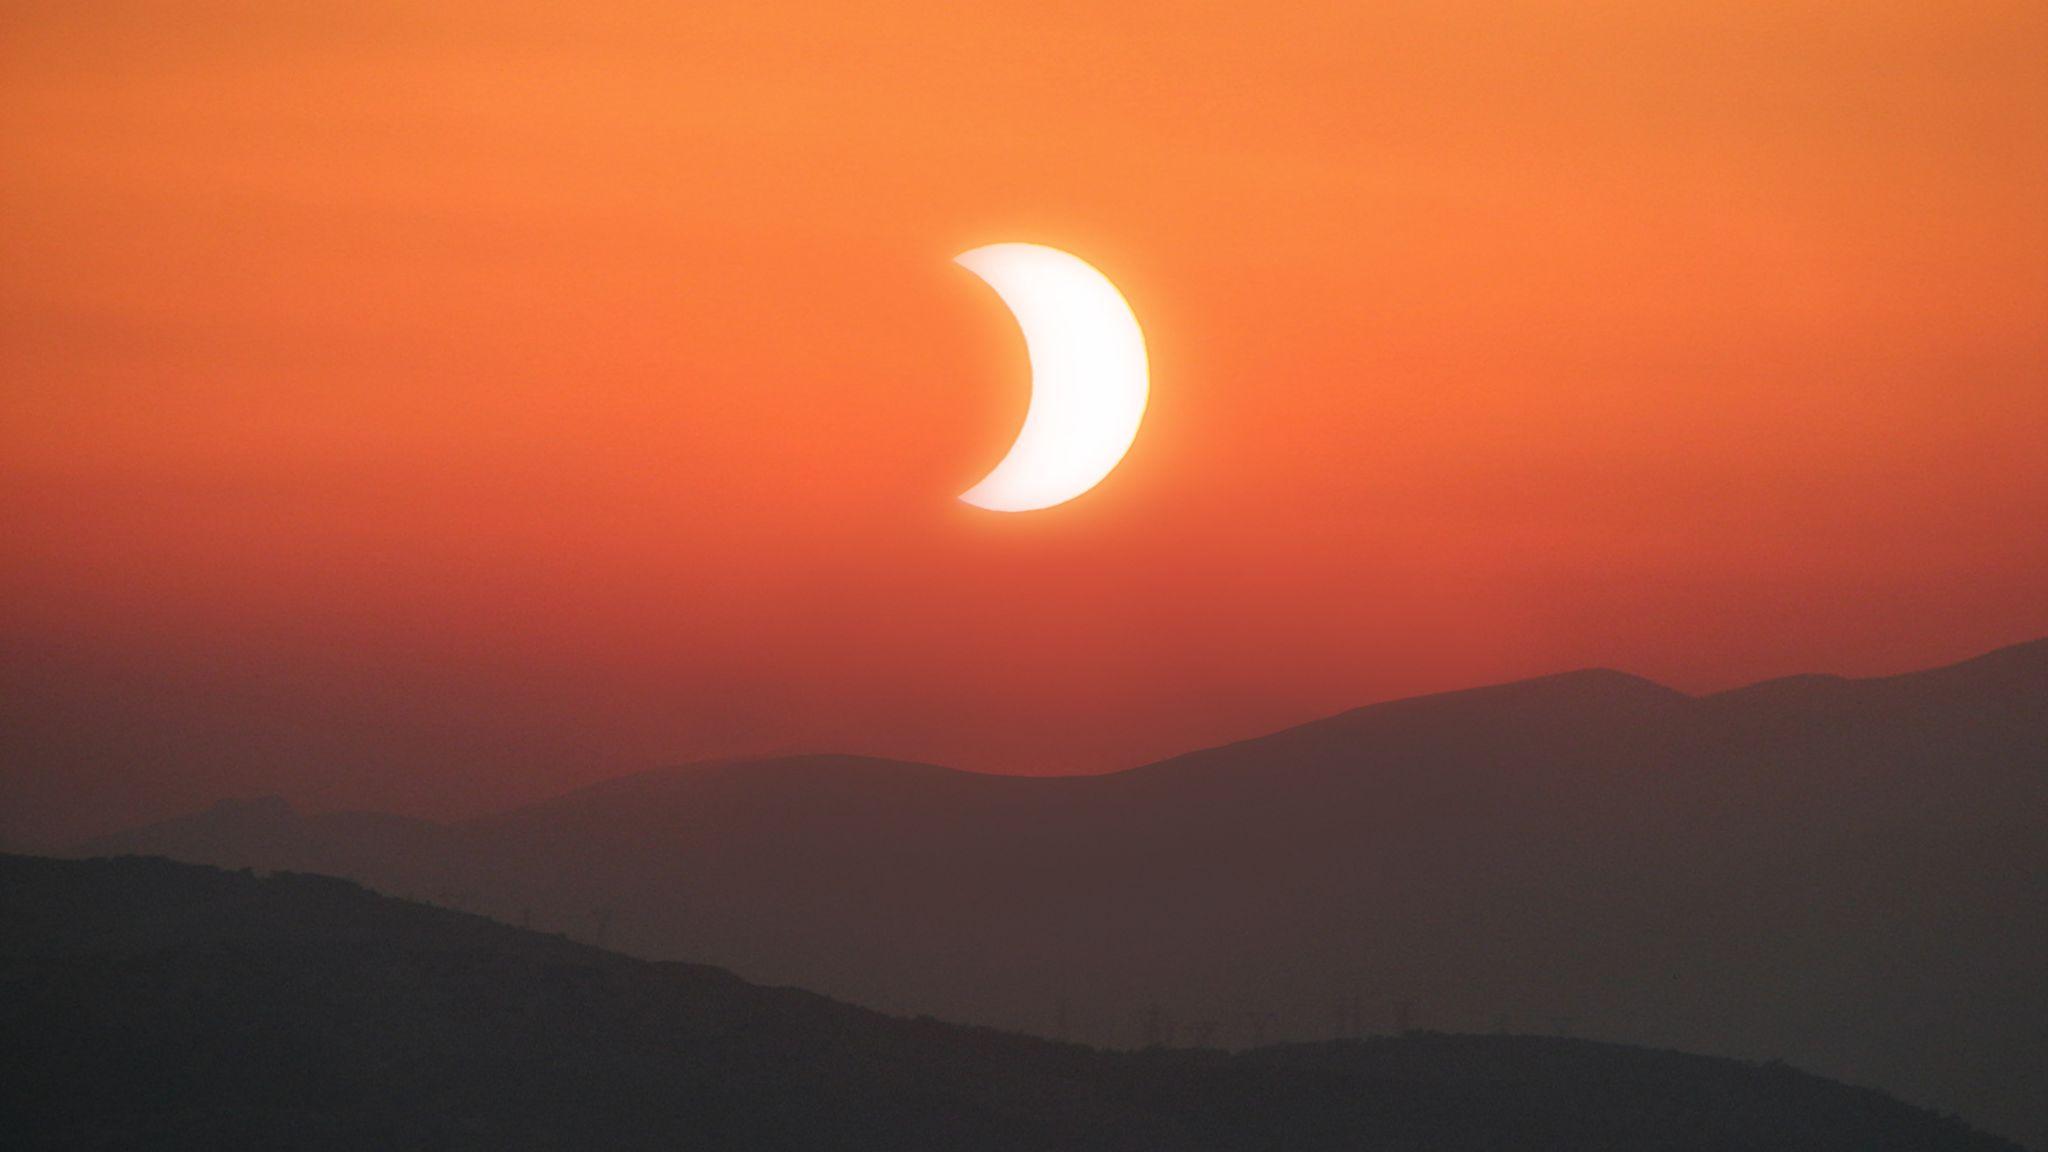 Gedeeltelijke zonsverduistering